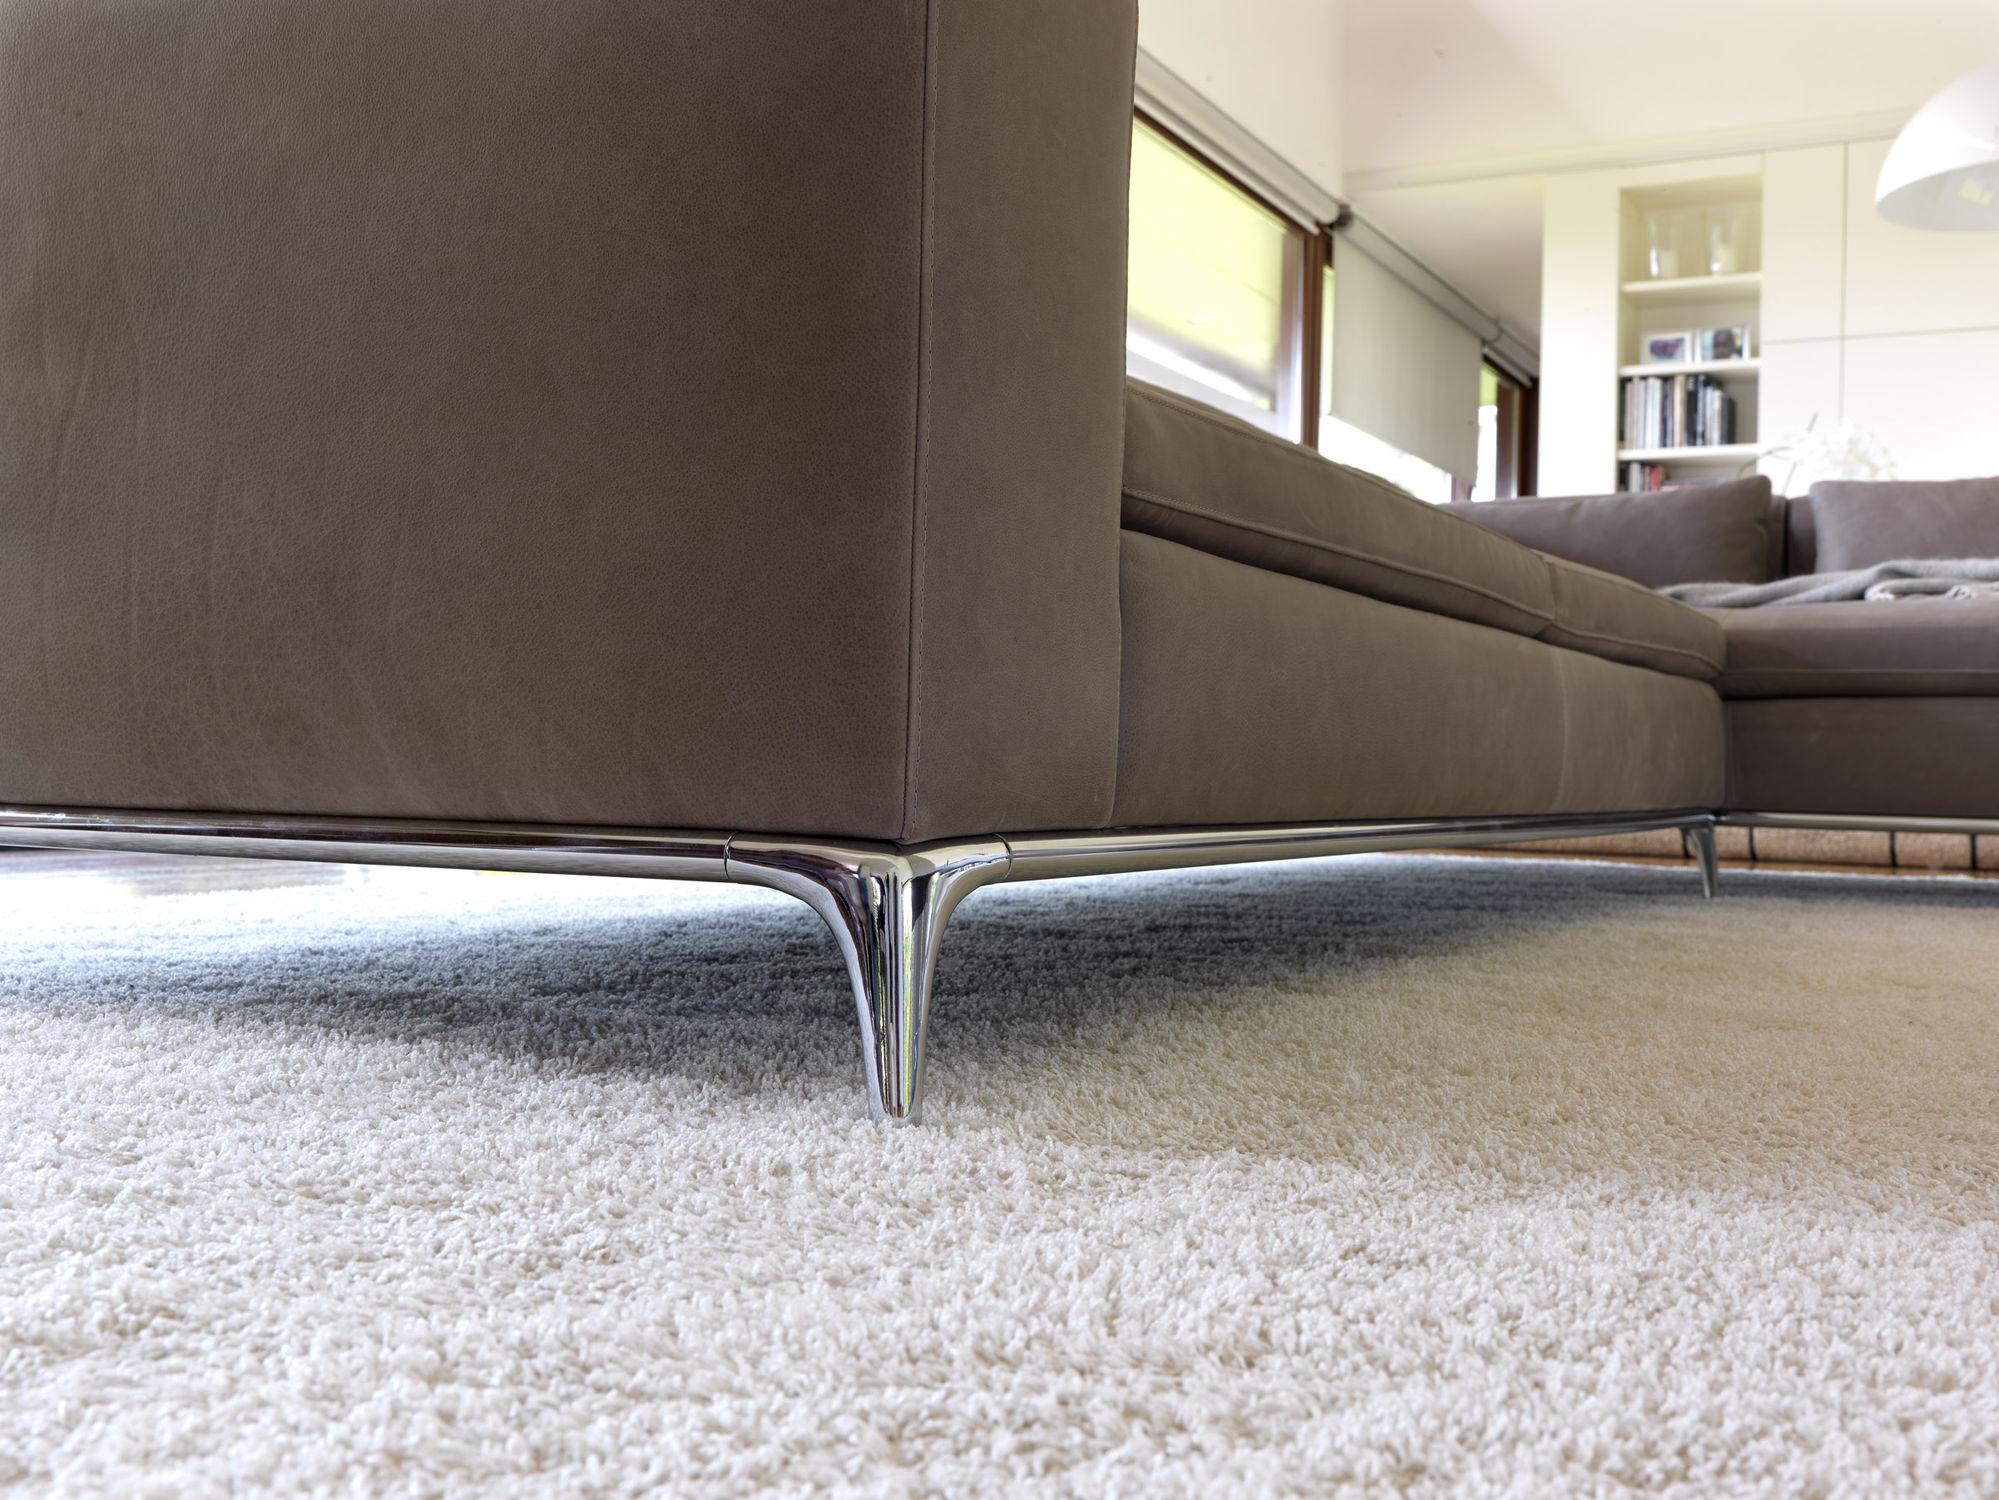 Eckcouch modern leder  Sofa Alcantara Ecksofa: Sofas & couches polstermöbel online kaufen ...